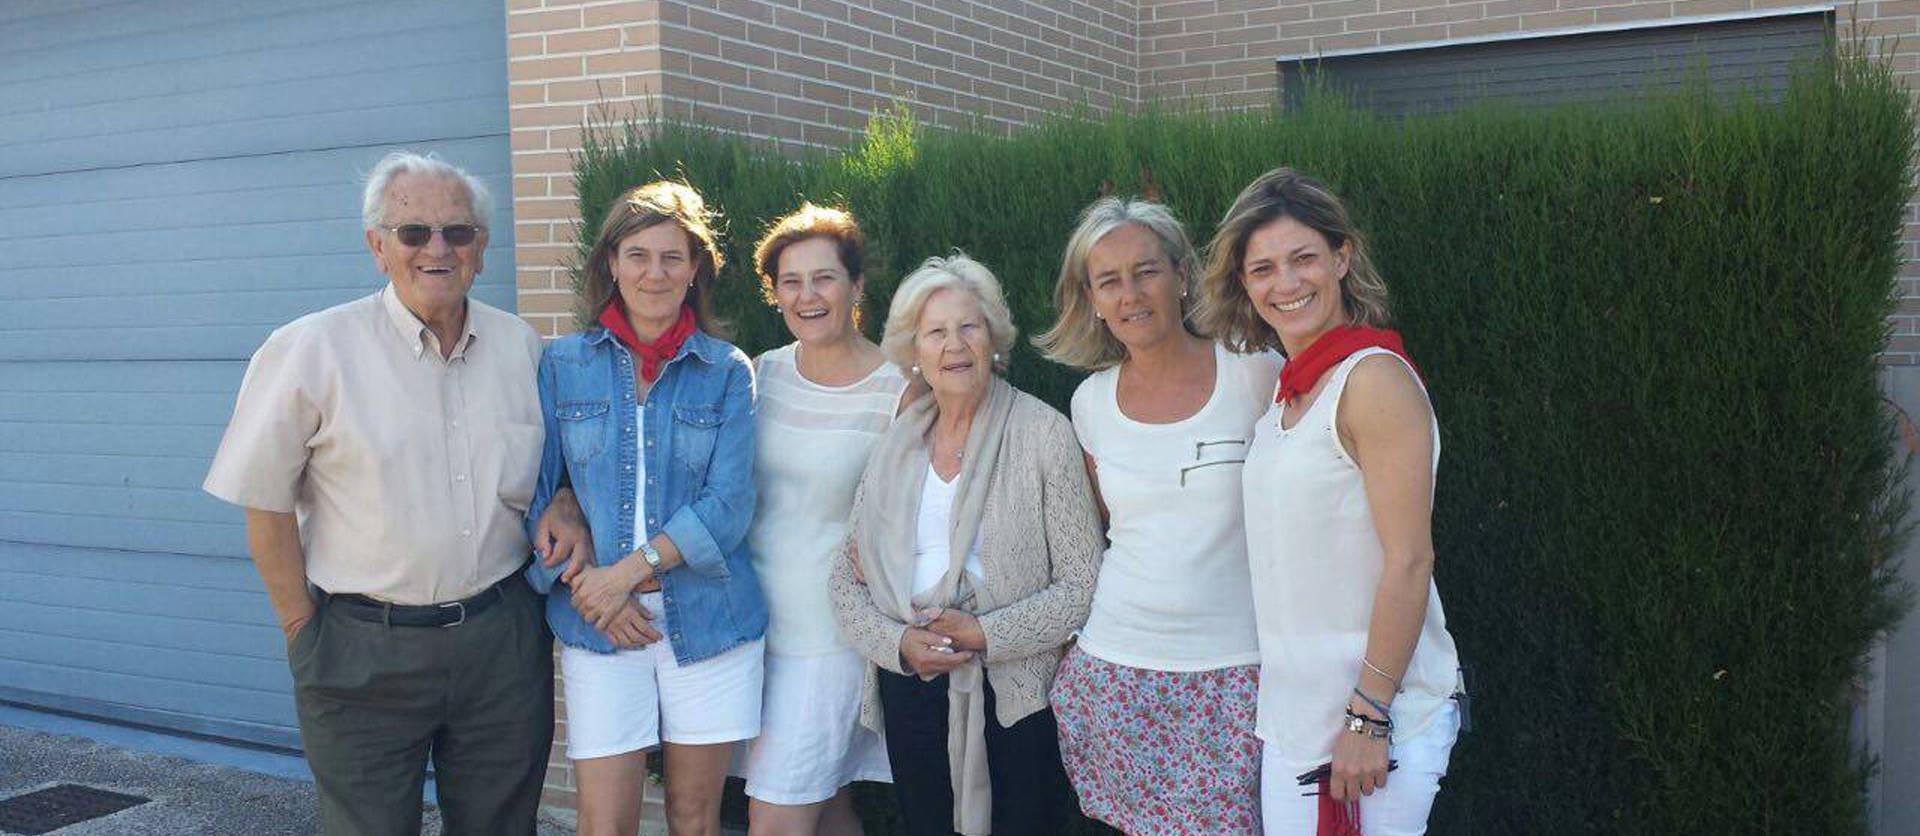 Foto de Julián Muguerza, con sus hijas y su mujer: Ana, Begoña, Ana María, Marisa e Itziar.